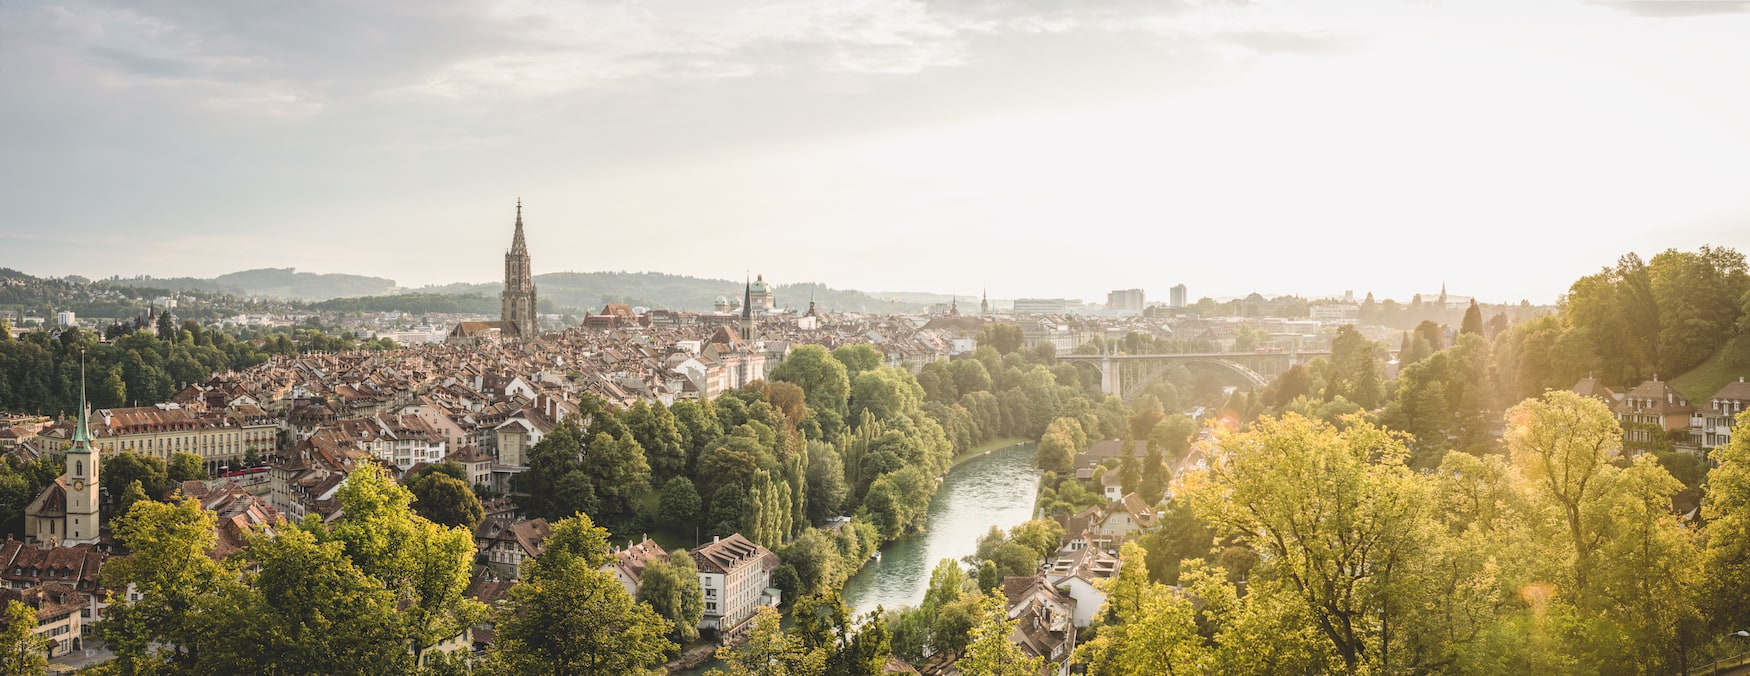 Panorama vom Rosengarten in Bern mit Sicht auf Münster, Bundeshaus, Aare und Dalmazibrücke.